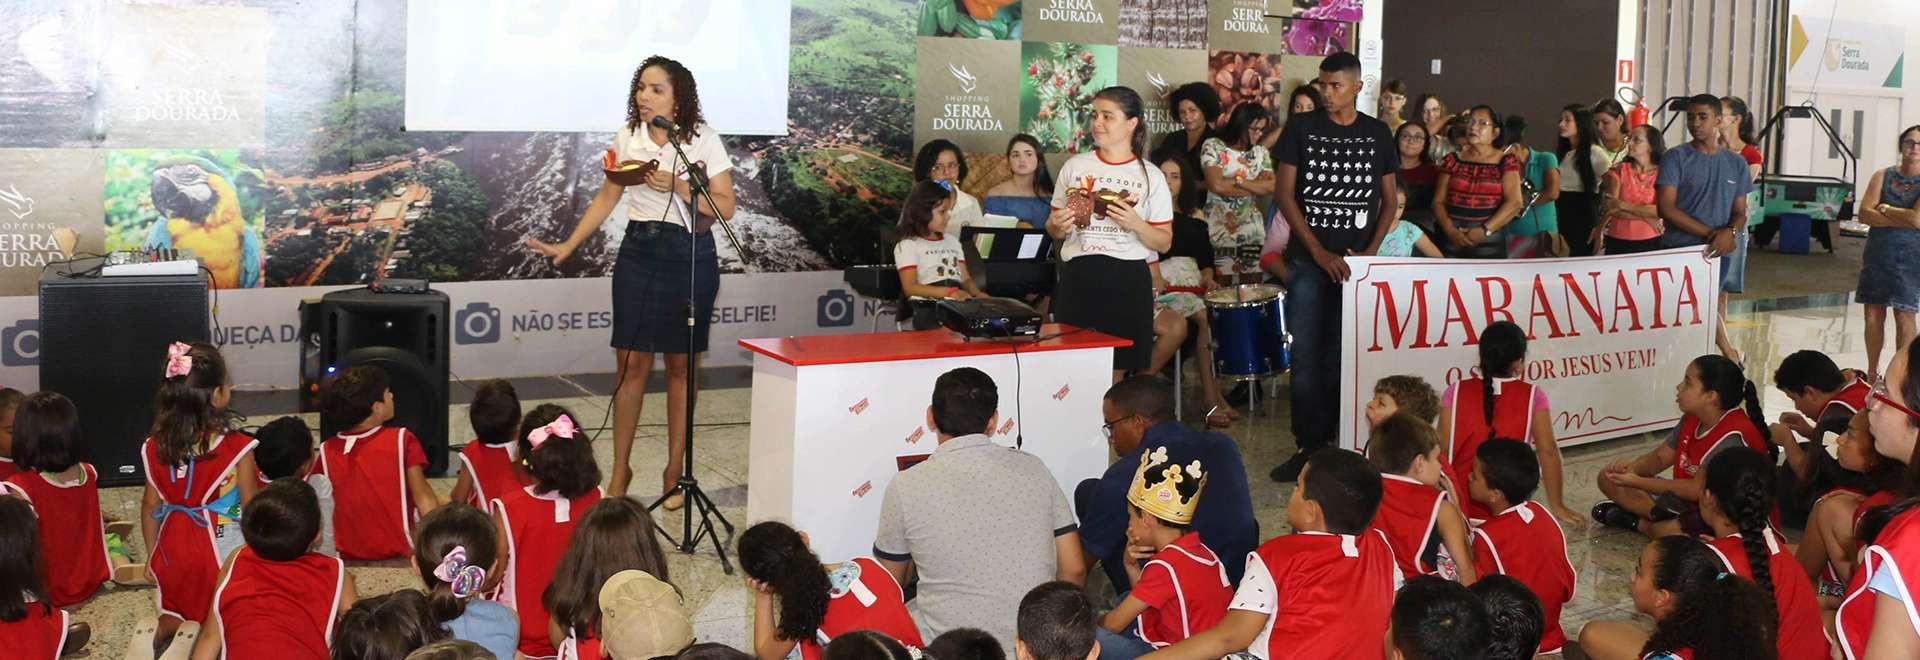 Evangelização da Igreja Cristã Maranata em centro comercial gera frutos espirituais